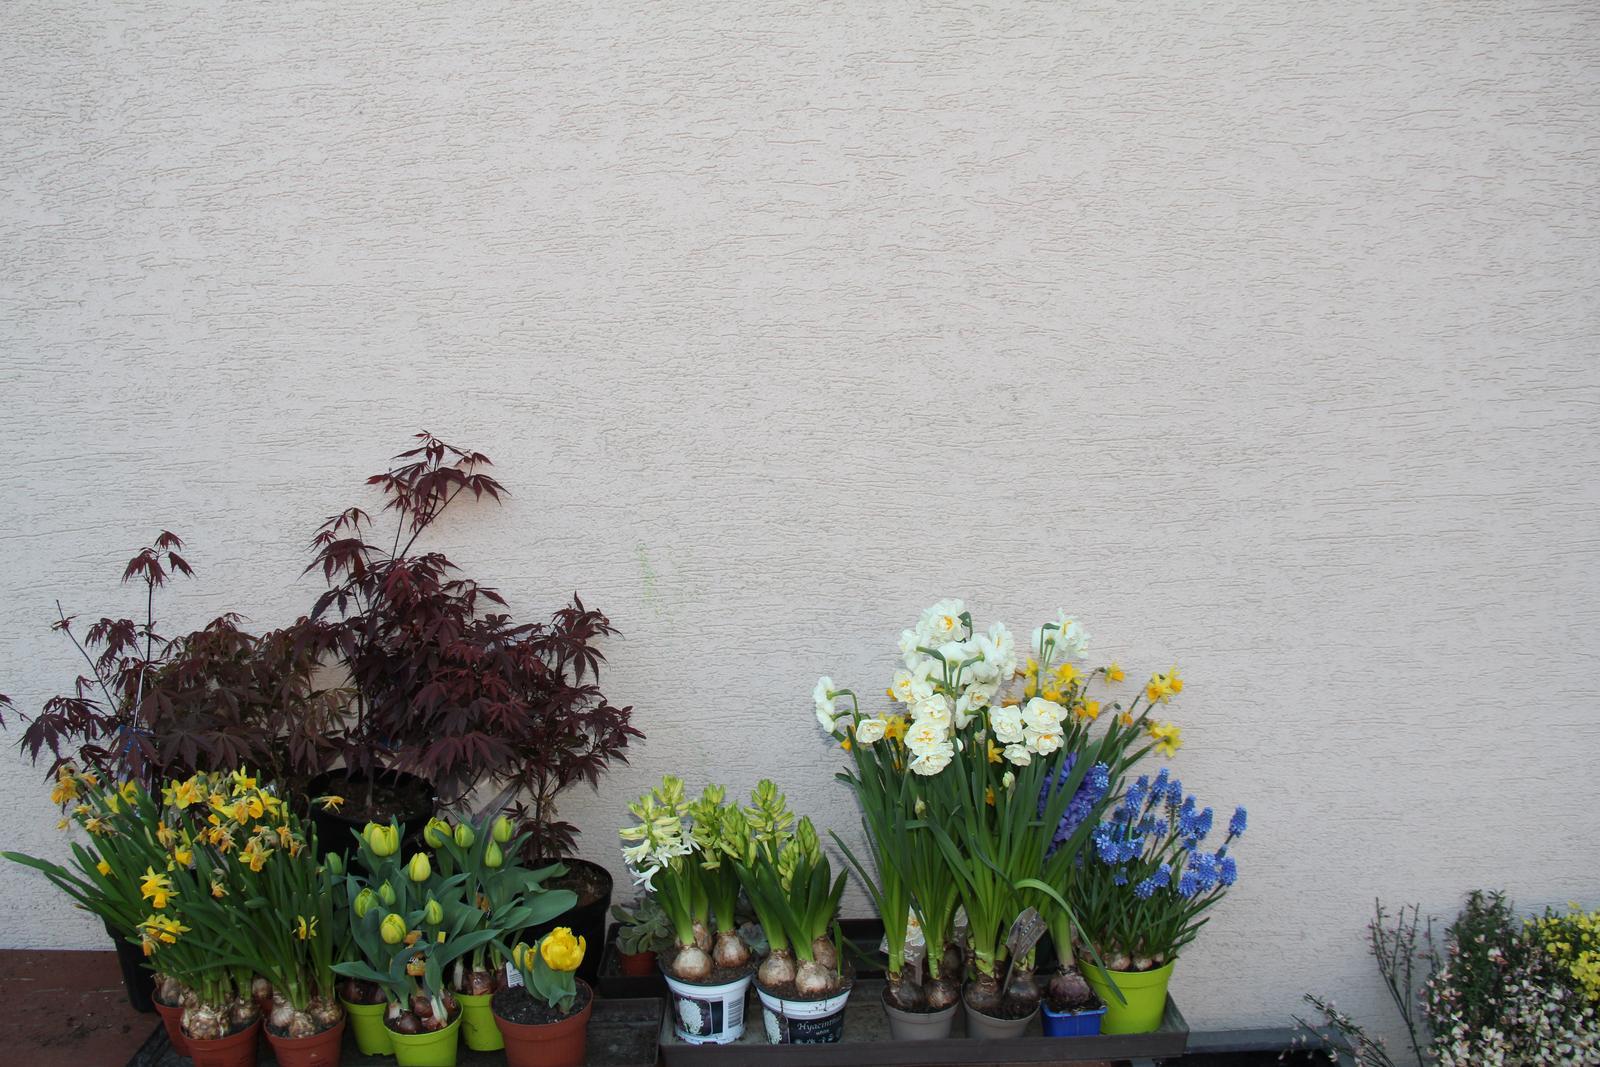 """Okrasná zahrada - můj malý """"ráj"""" - Obrázek č. 86"""